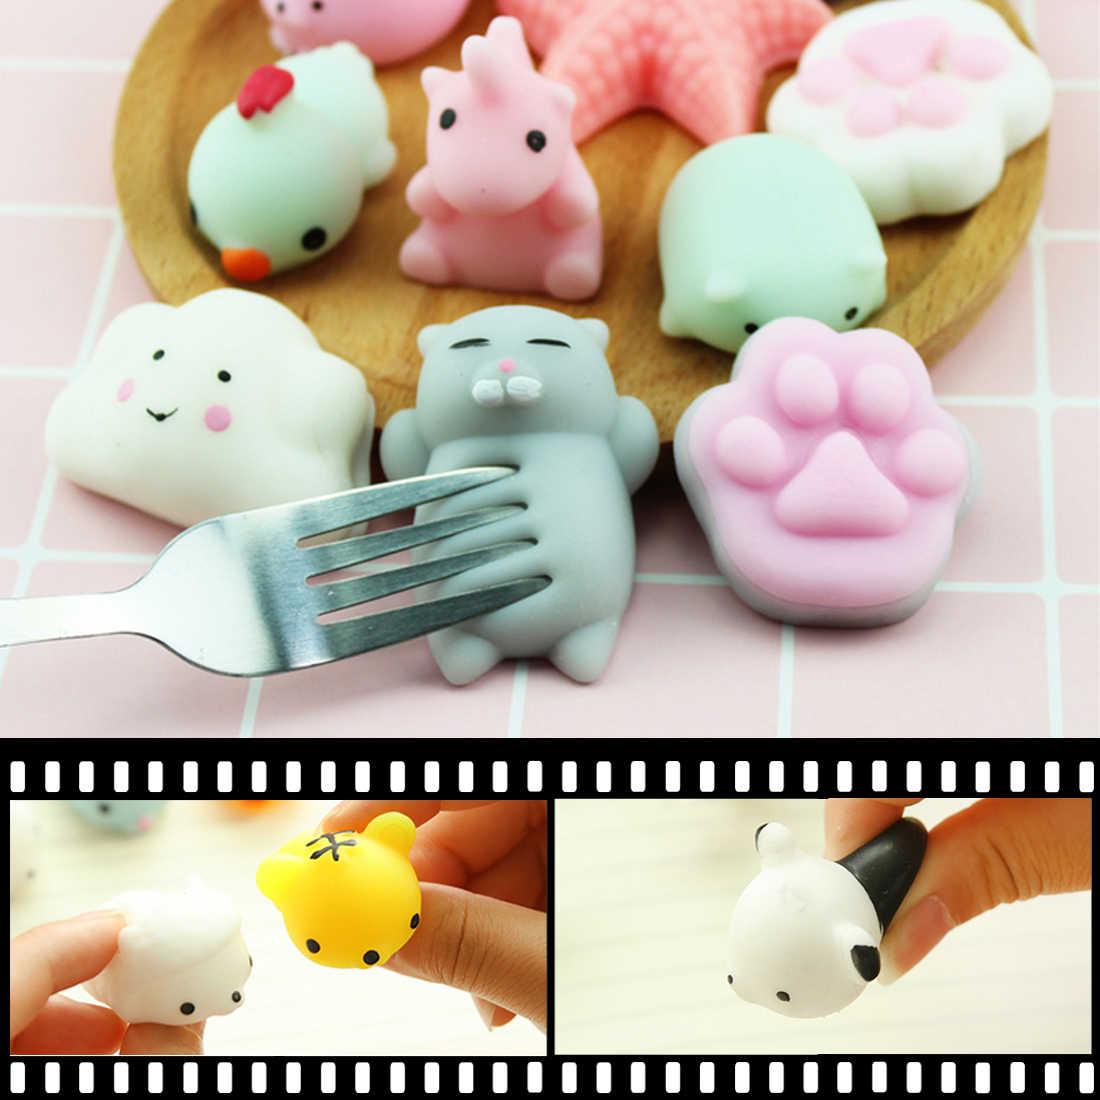 Etmakit мини мягкое уплотнение милые ремешки для телефона медленно поднимающееся мягкое сдавливание, сжимание Kawaii хлеб торт дети игрушка телефон DIY Аксессуары